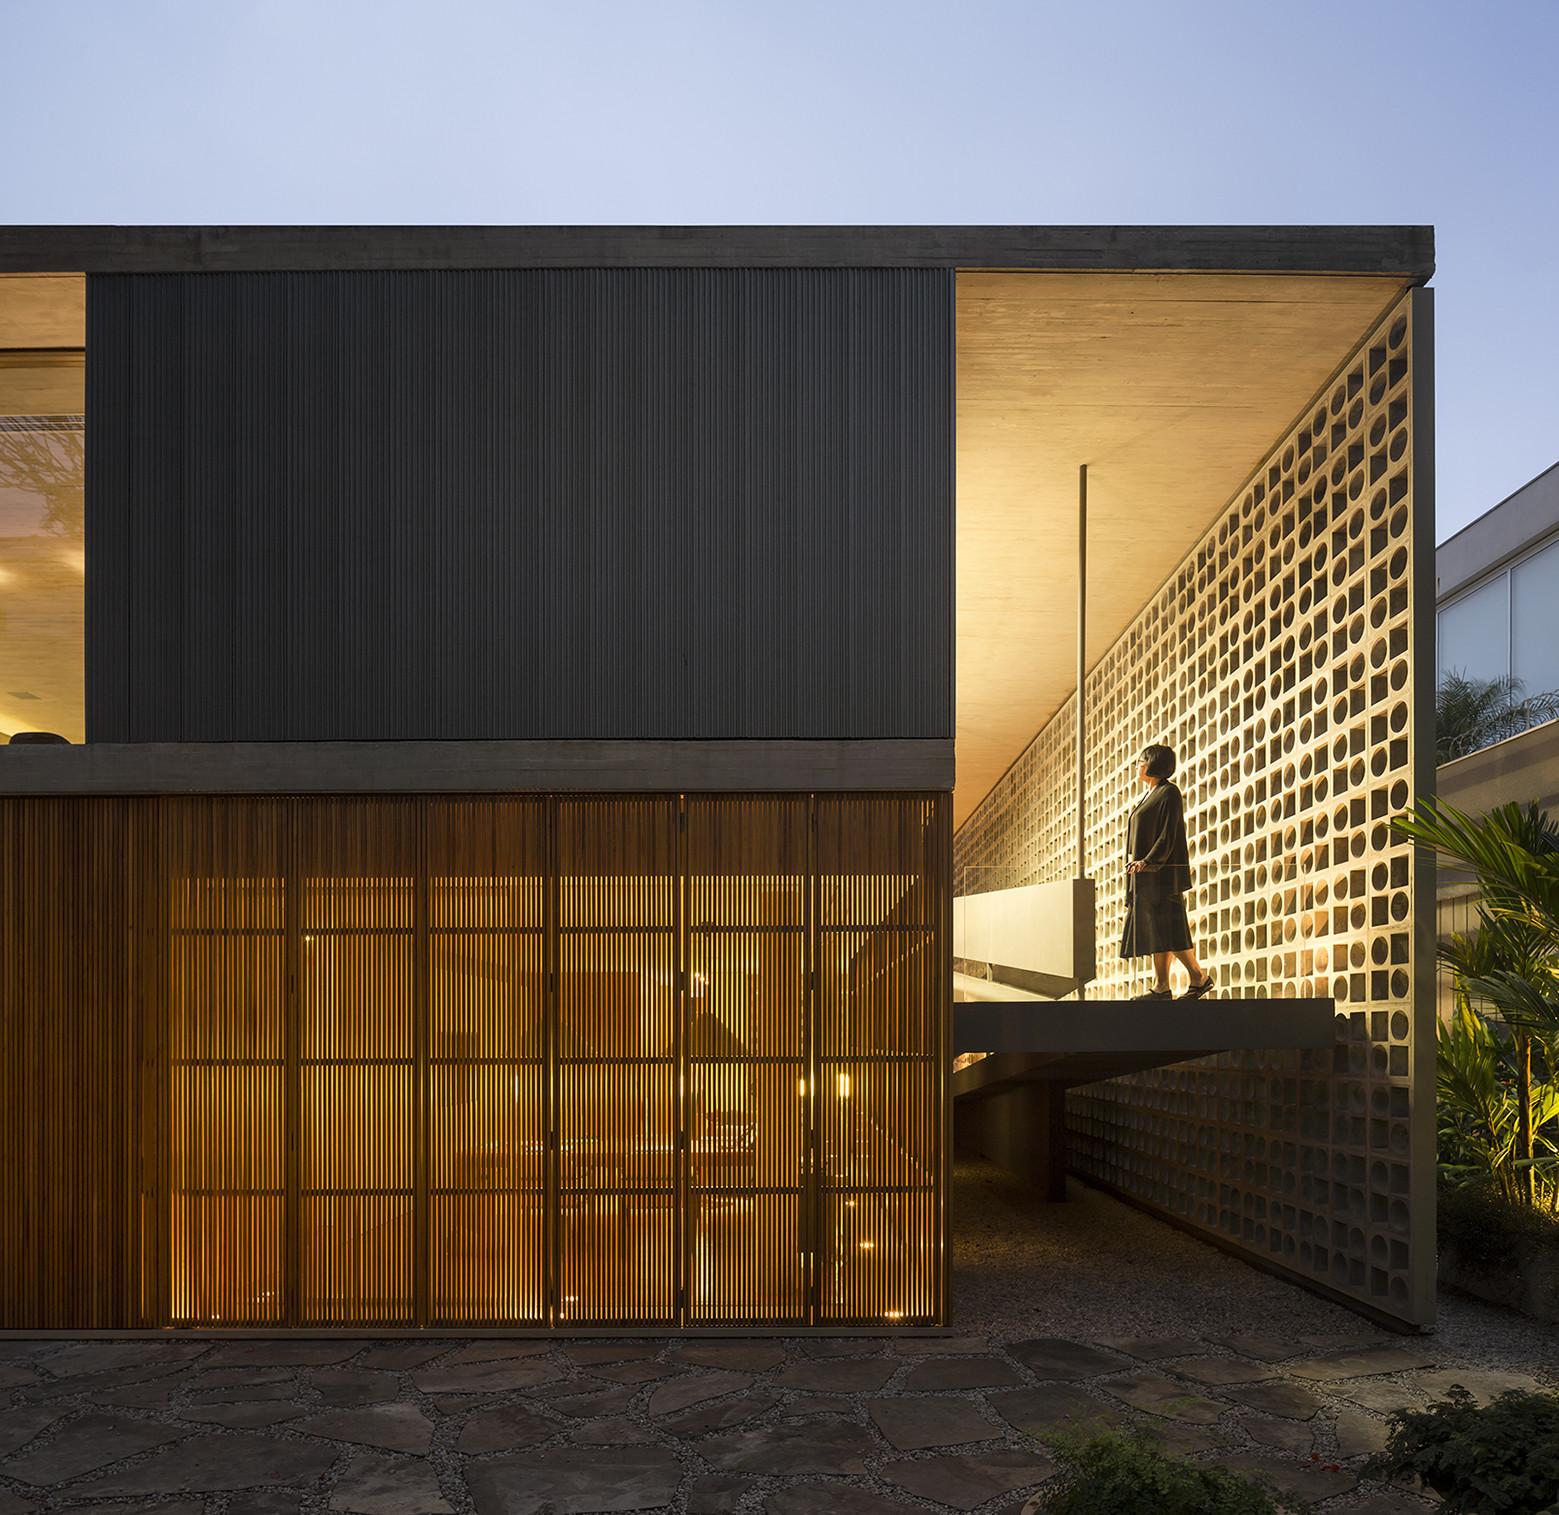 B+B House / Studio MK27 + Galeria Arquitetos, © Fernando Guerra | FG+SG